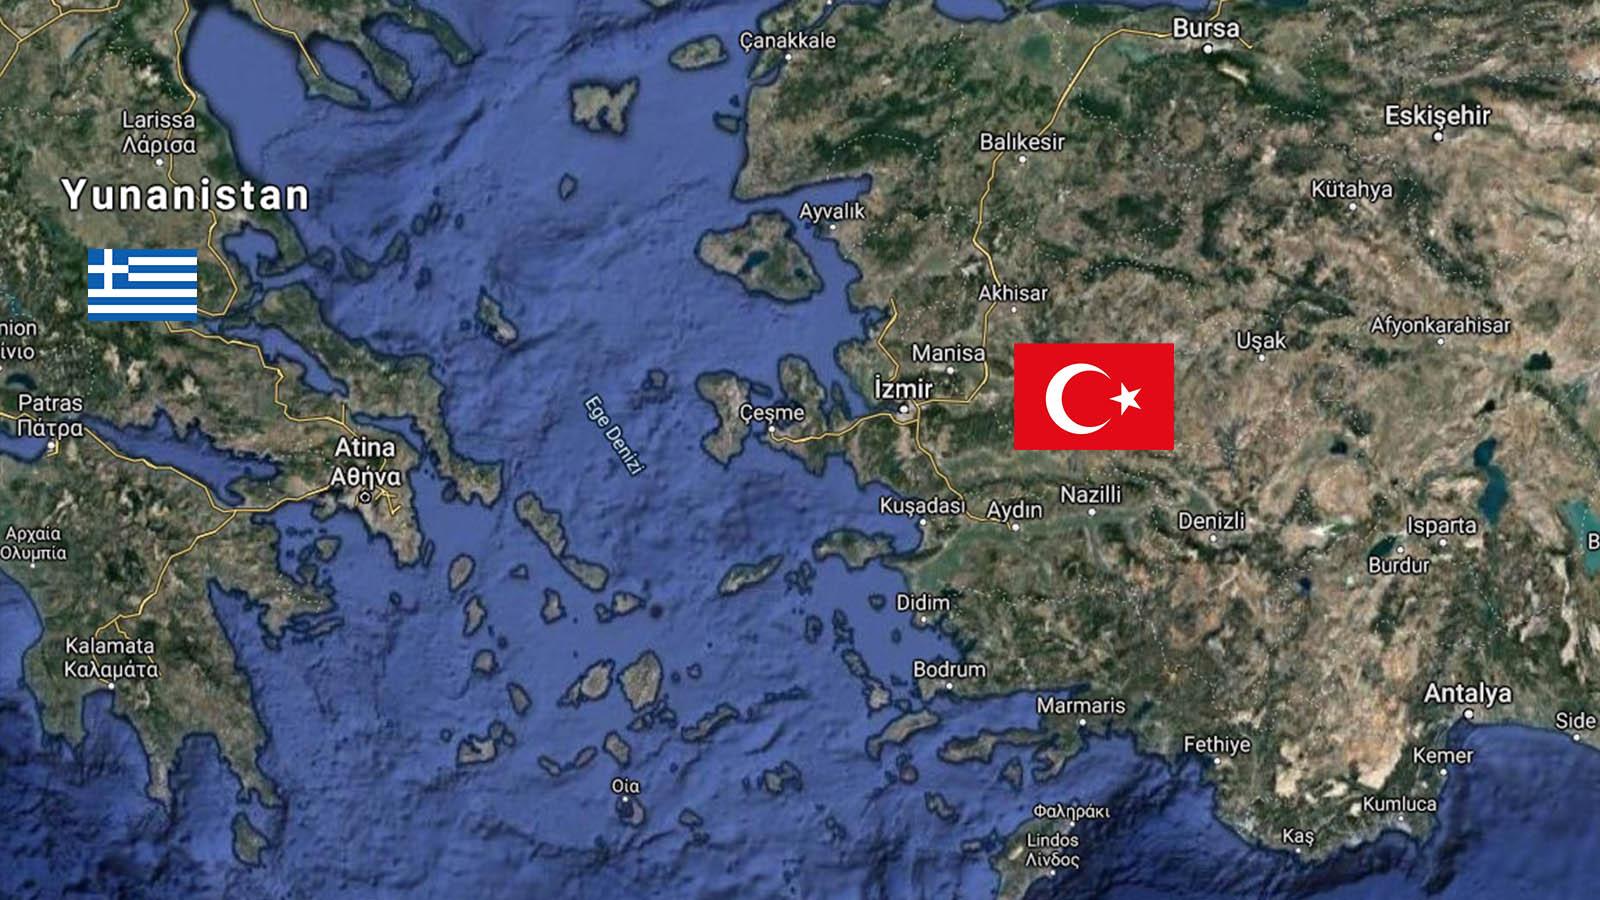 Ege' de Yunanistan' ın 23 adayı silahlandırmasıyla 'statüko' tartışmalı hale geldi!